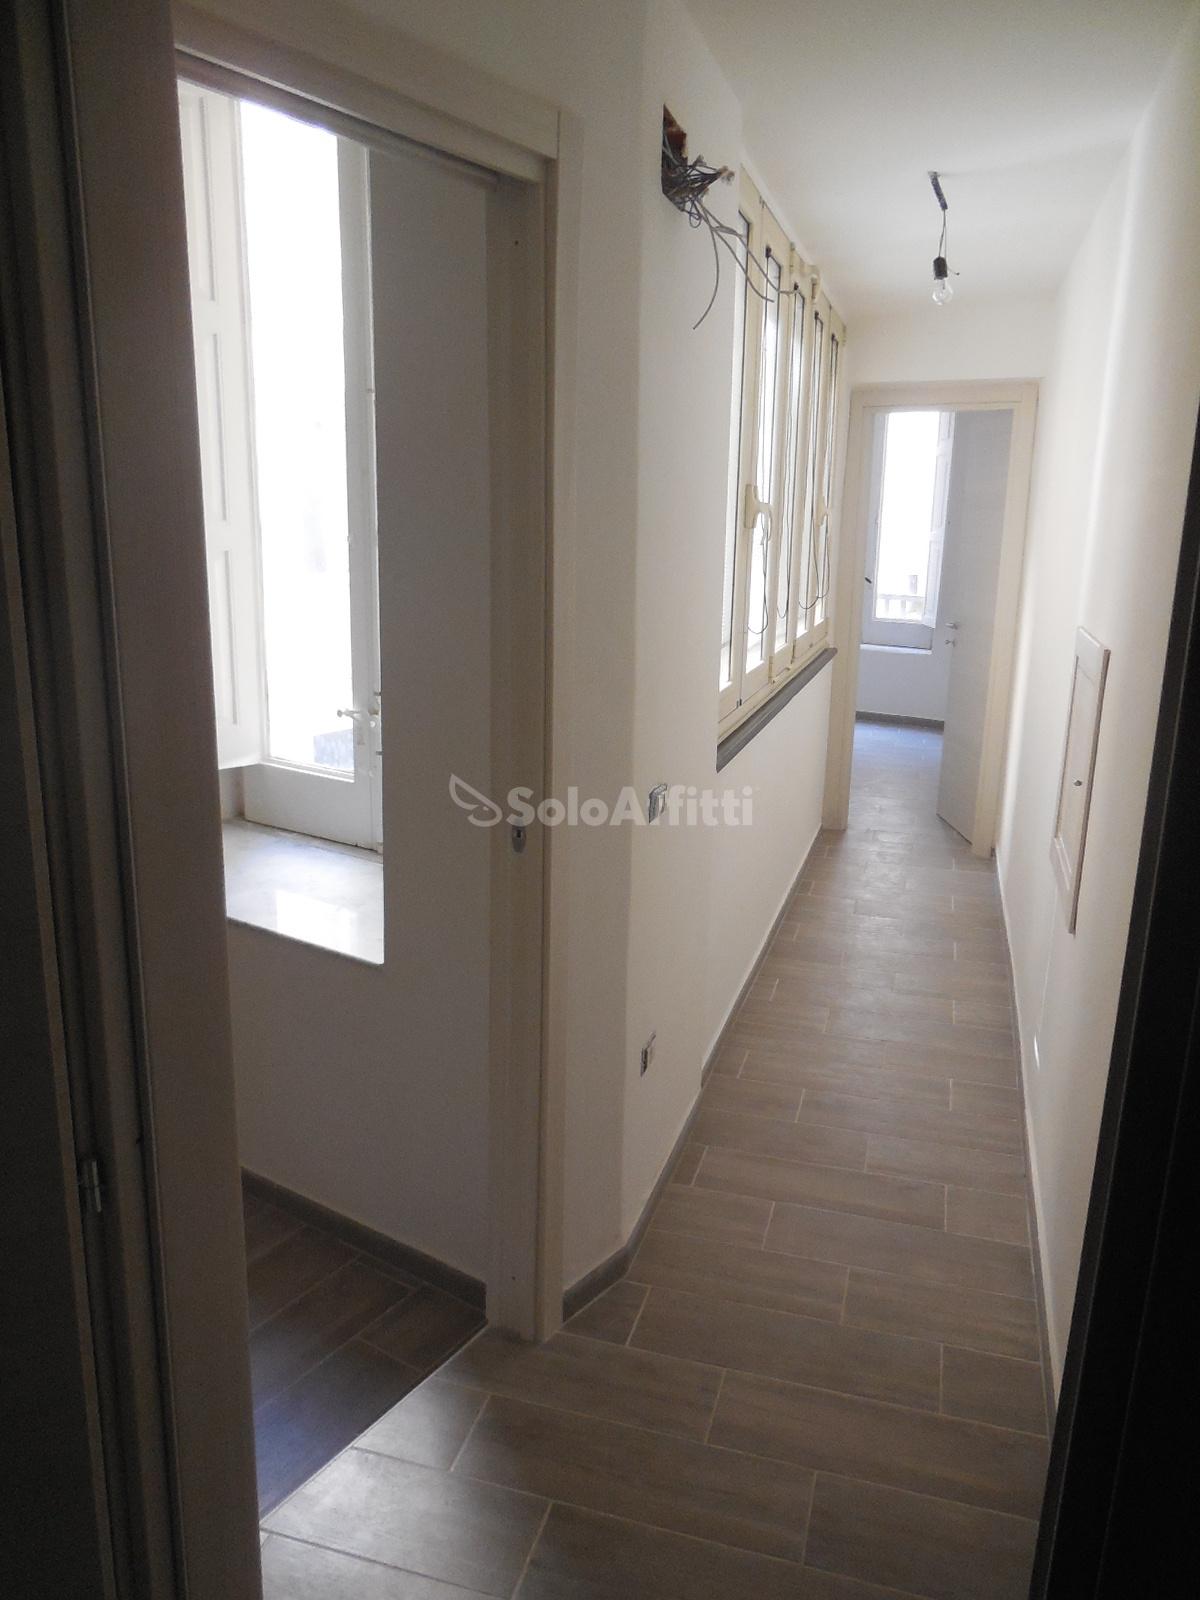 Corridoio (1).JPG